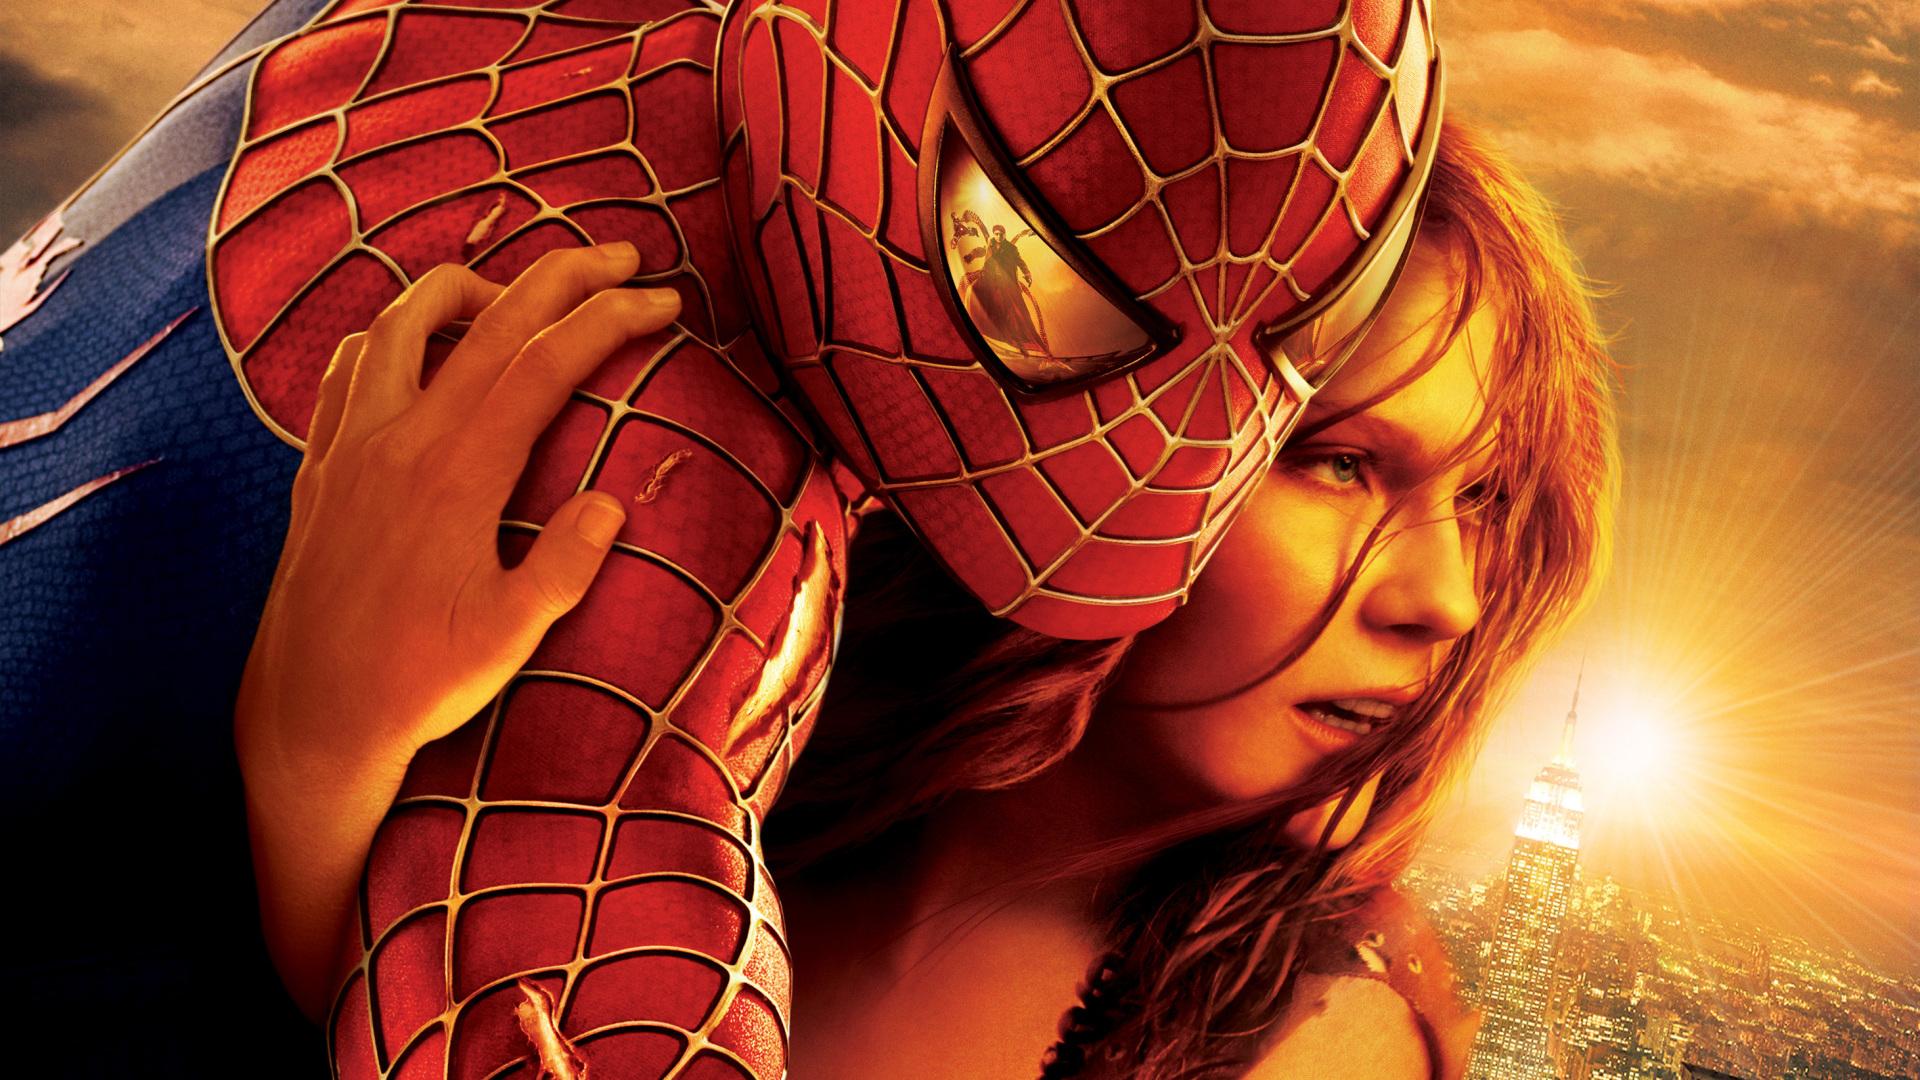 Spiderman 2.jpeg